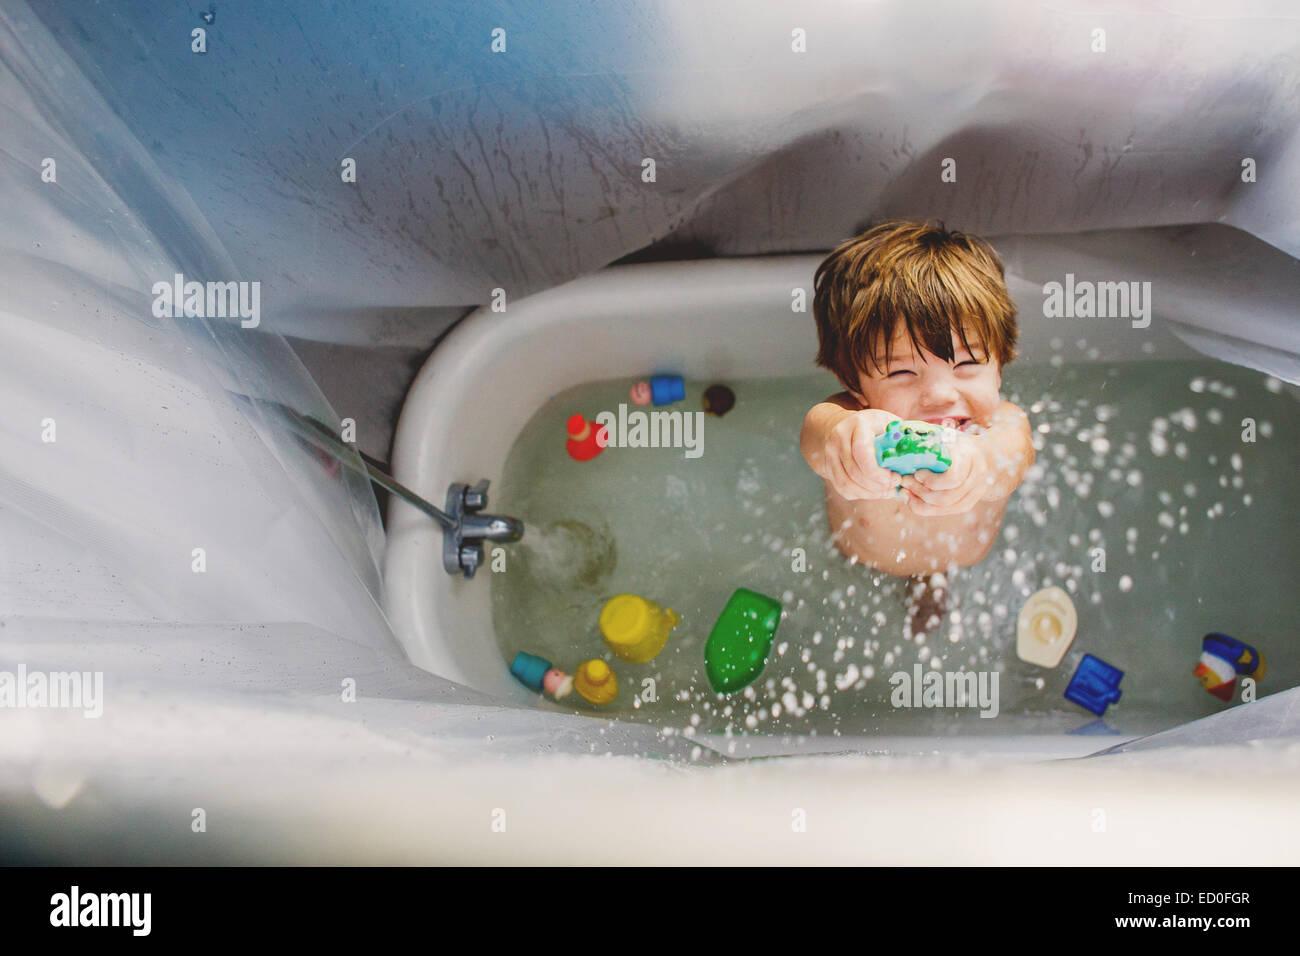 Boy (2-3) en jouant avec des jouets dans la baignoire Photo Stock